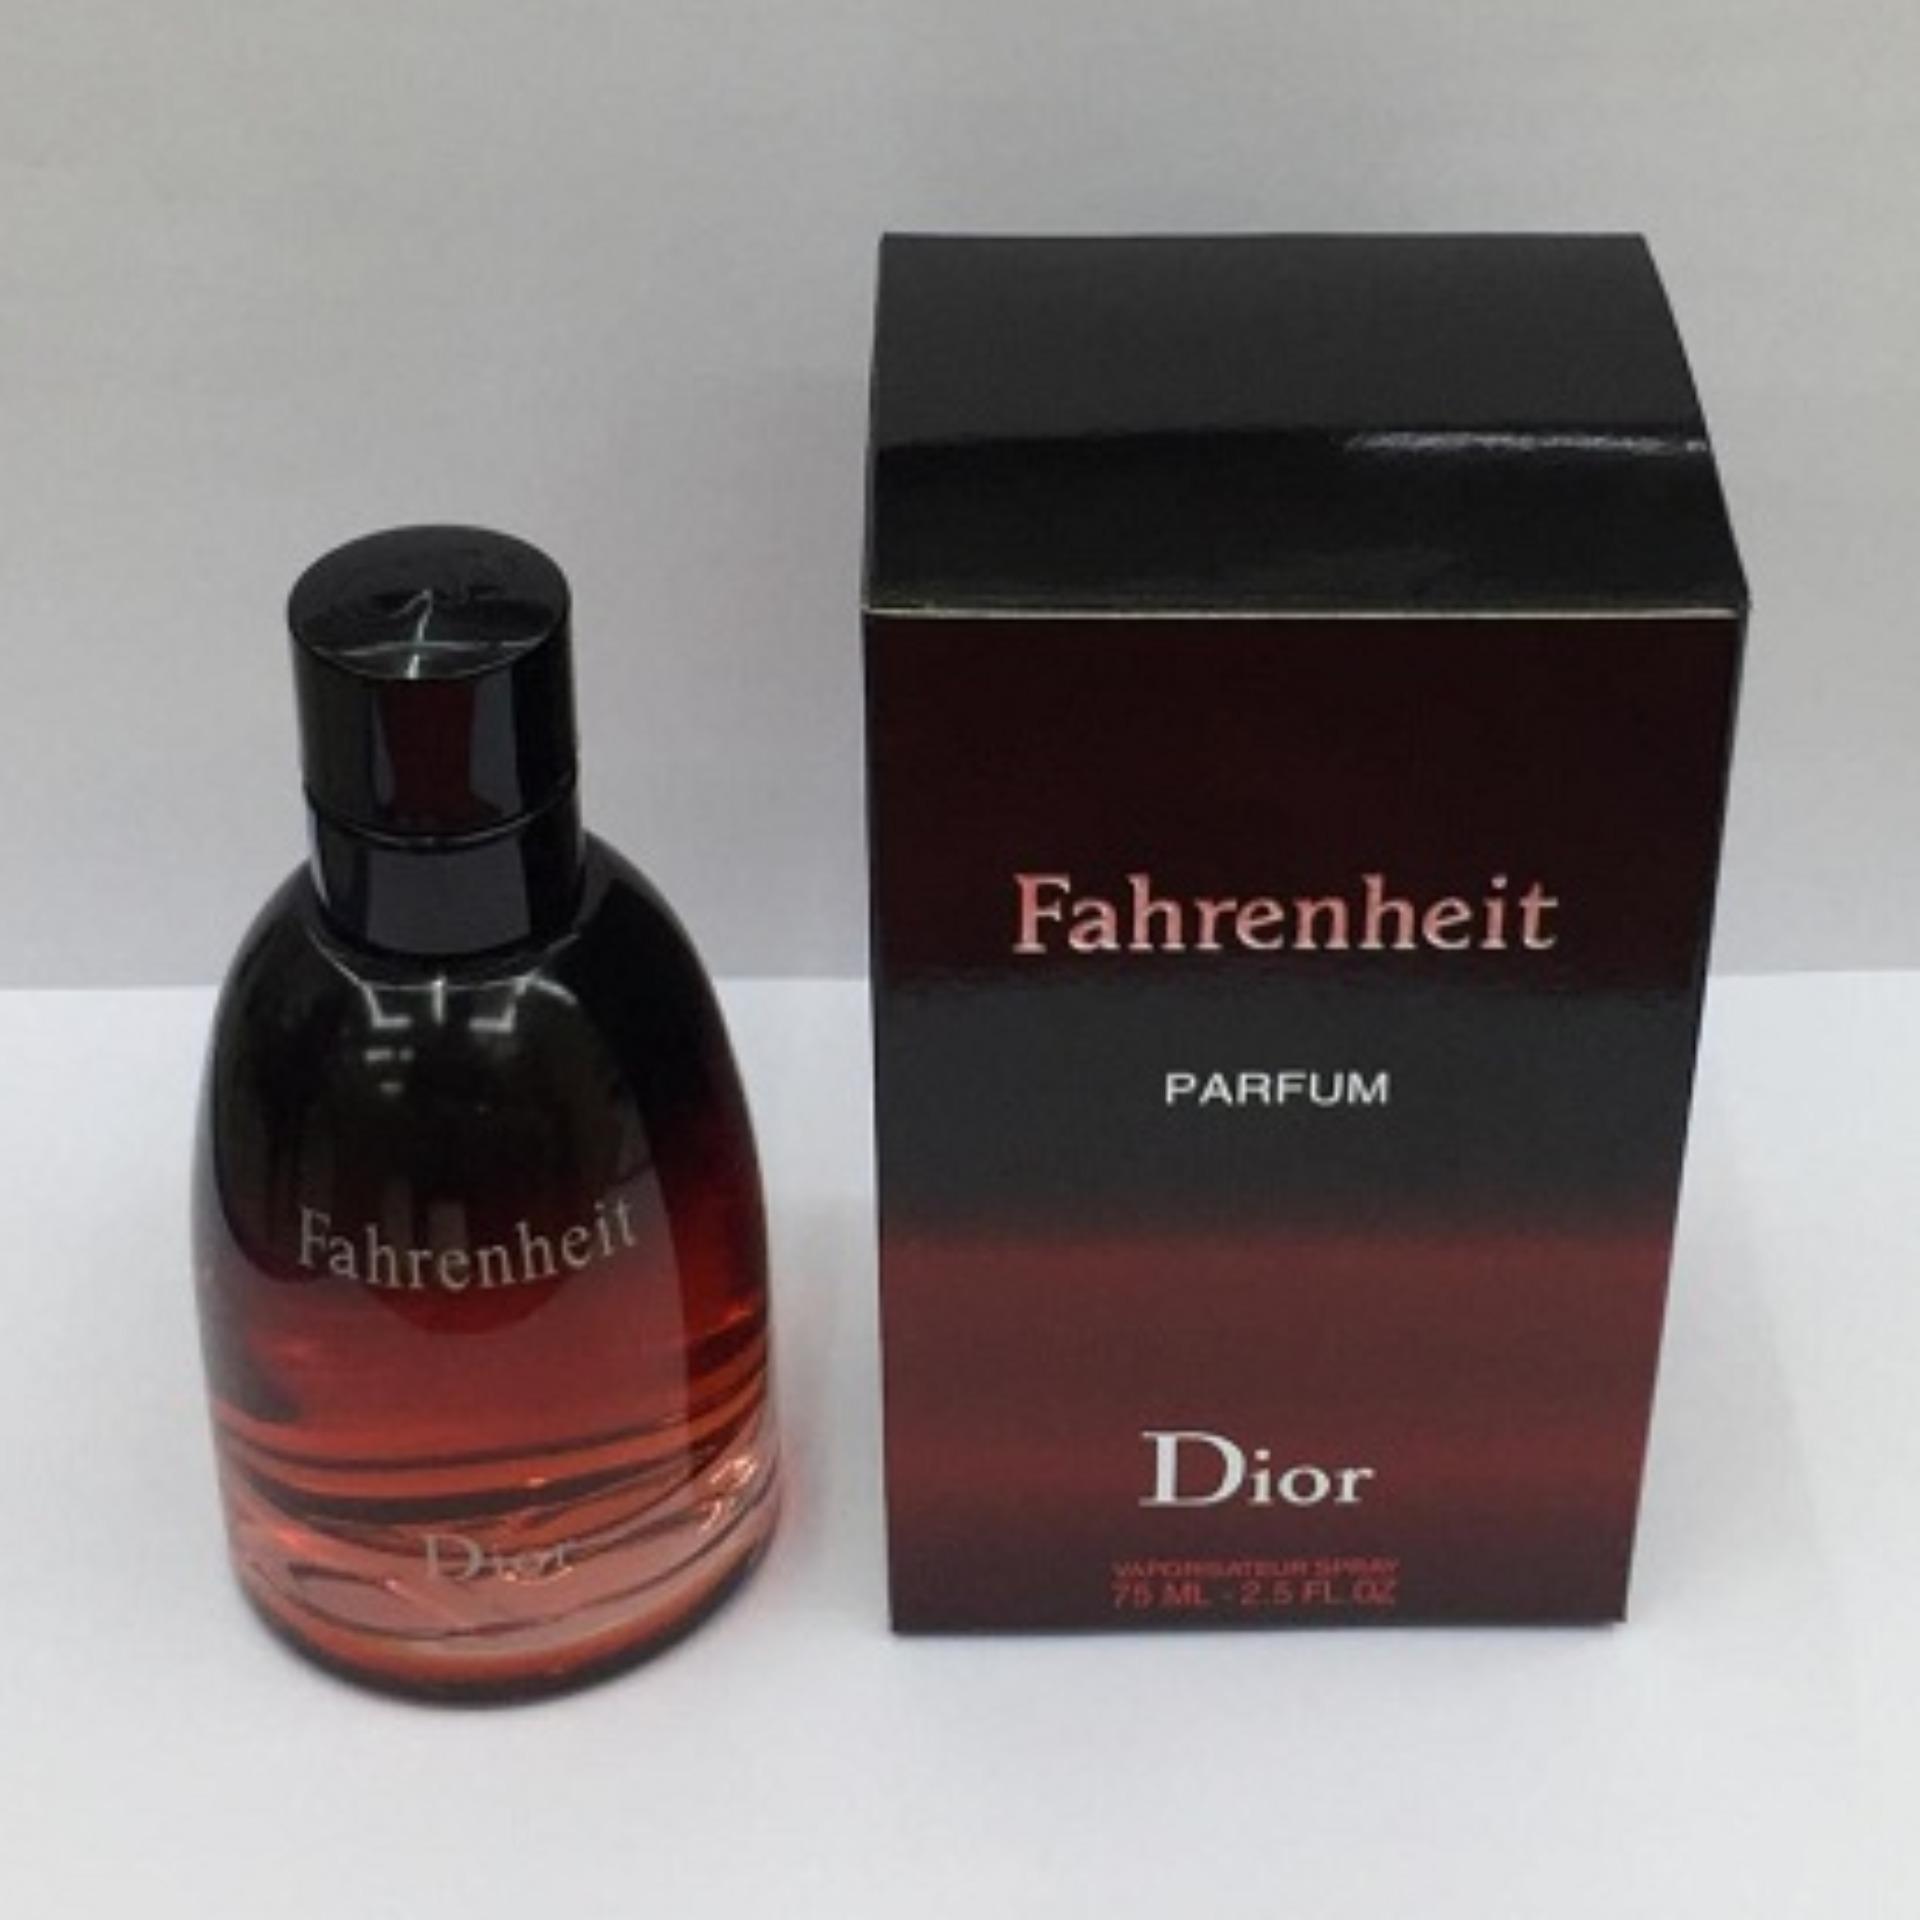 Fahrenheit Parfum by Dior for Men Edt 75ml